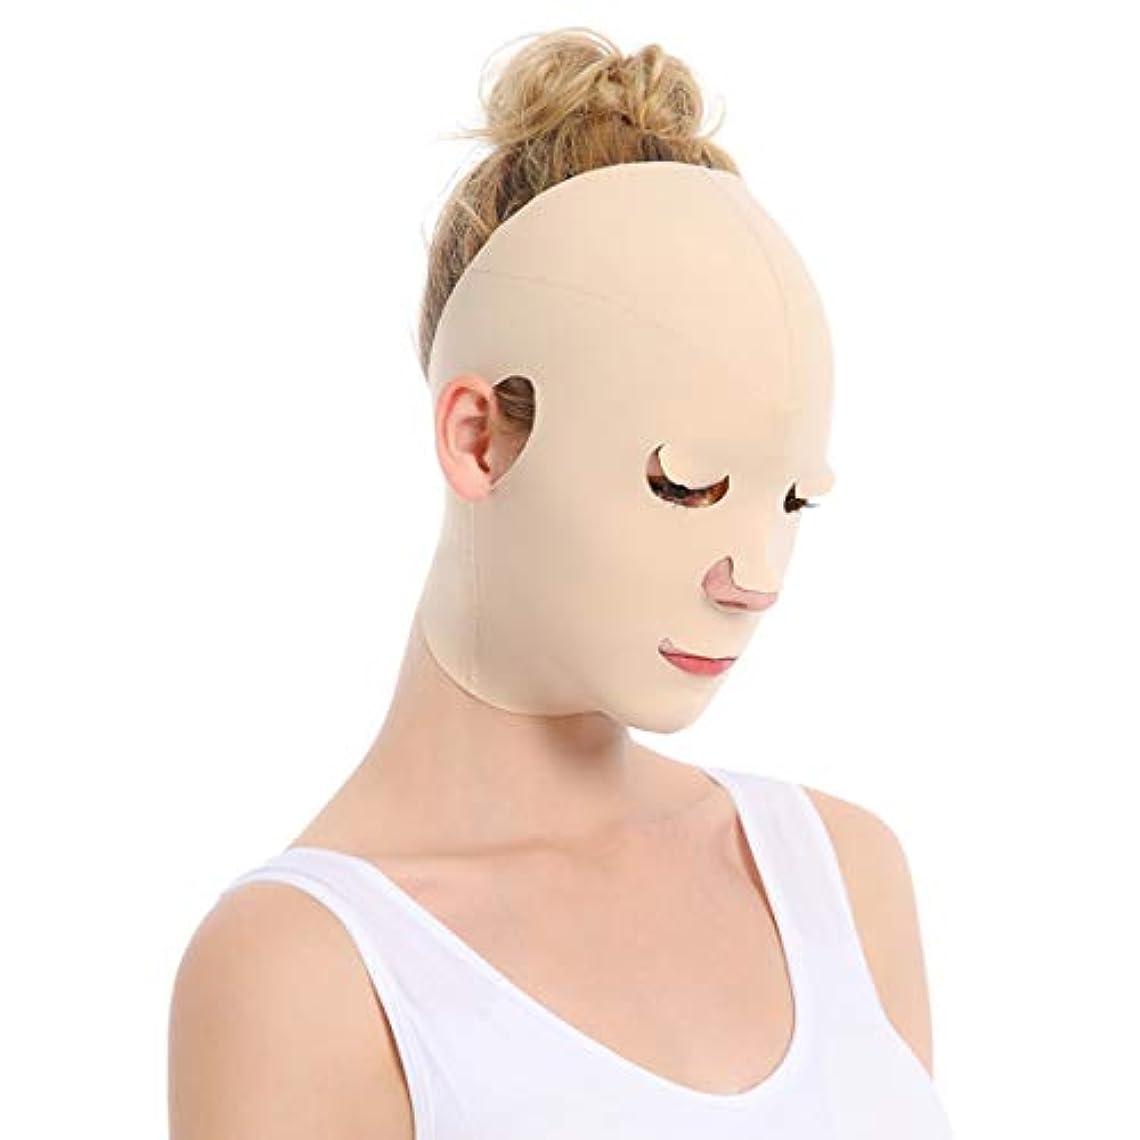 容赦ないエレメンタル頑固なZWBD フェイスマスク, 薄い顔包帯理学療法フェースリフトアーチファクト肌睡眠マスクVフェース包帯リフティング引き締めホワイトニング傷修理能力